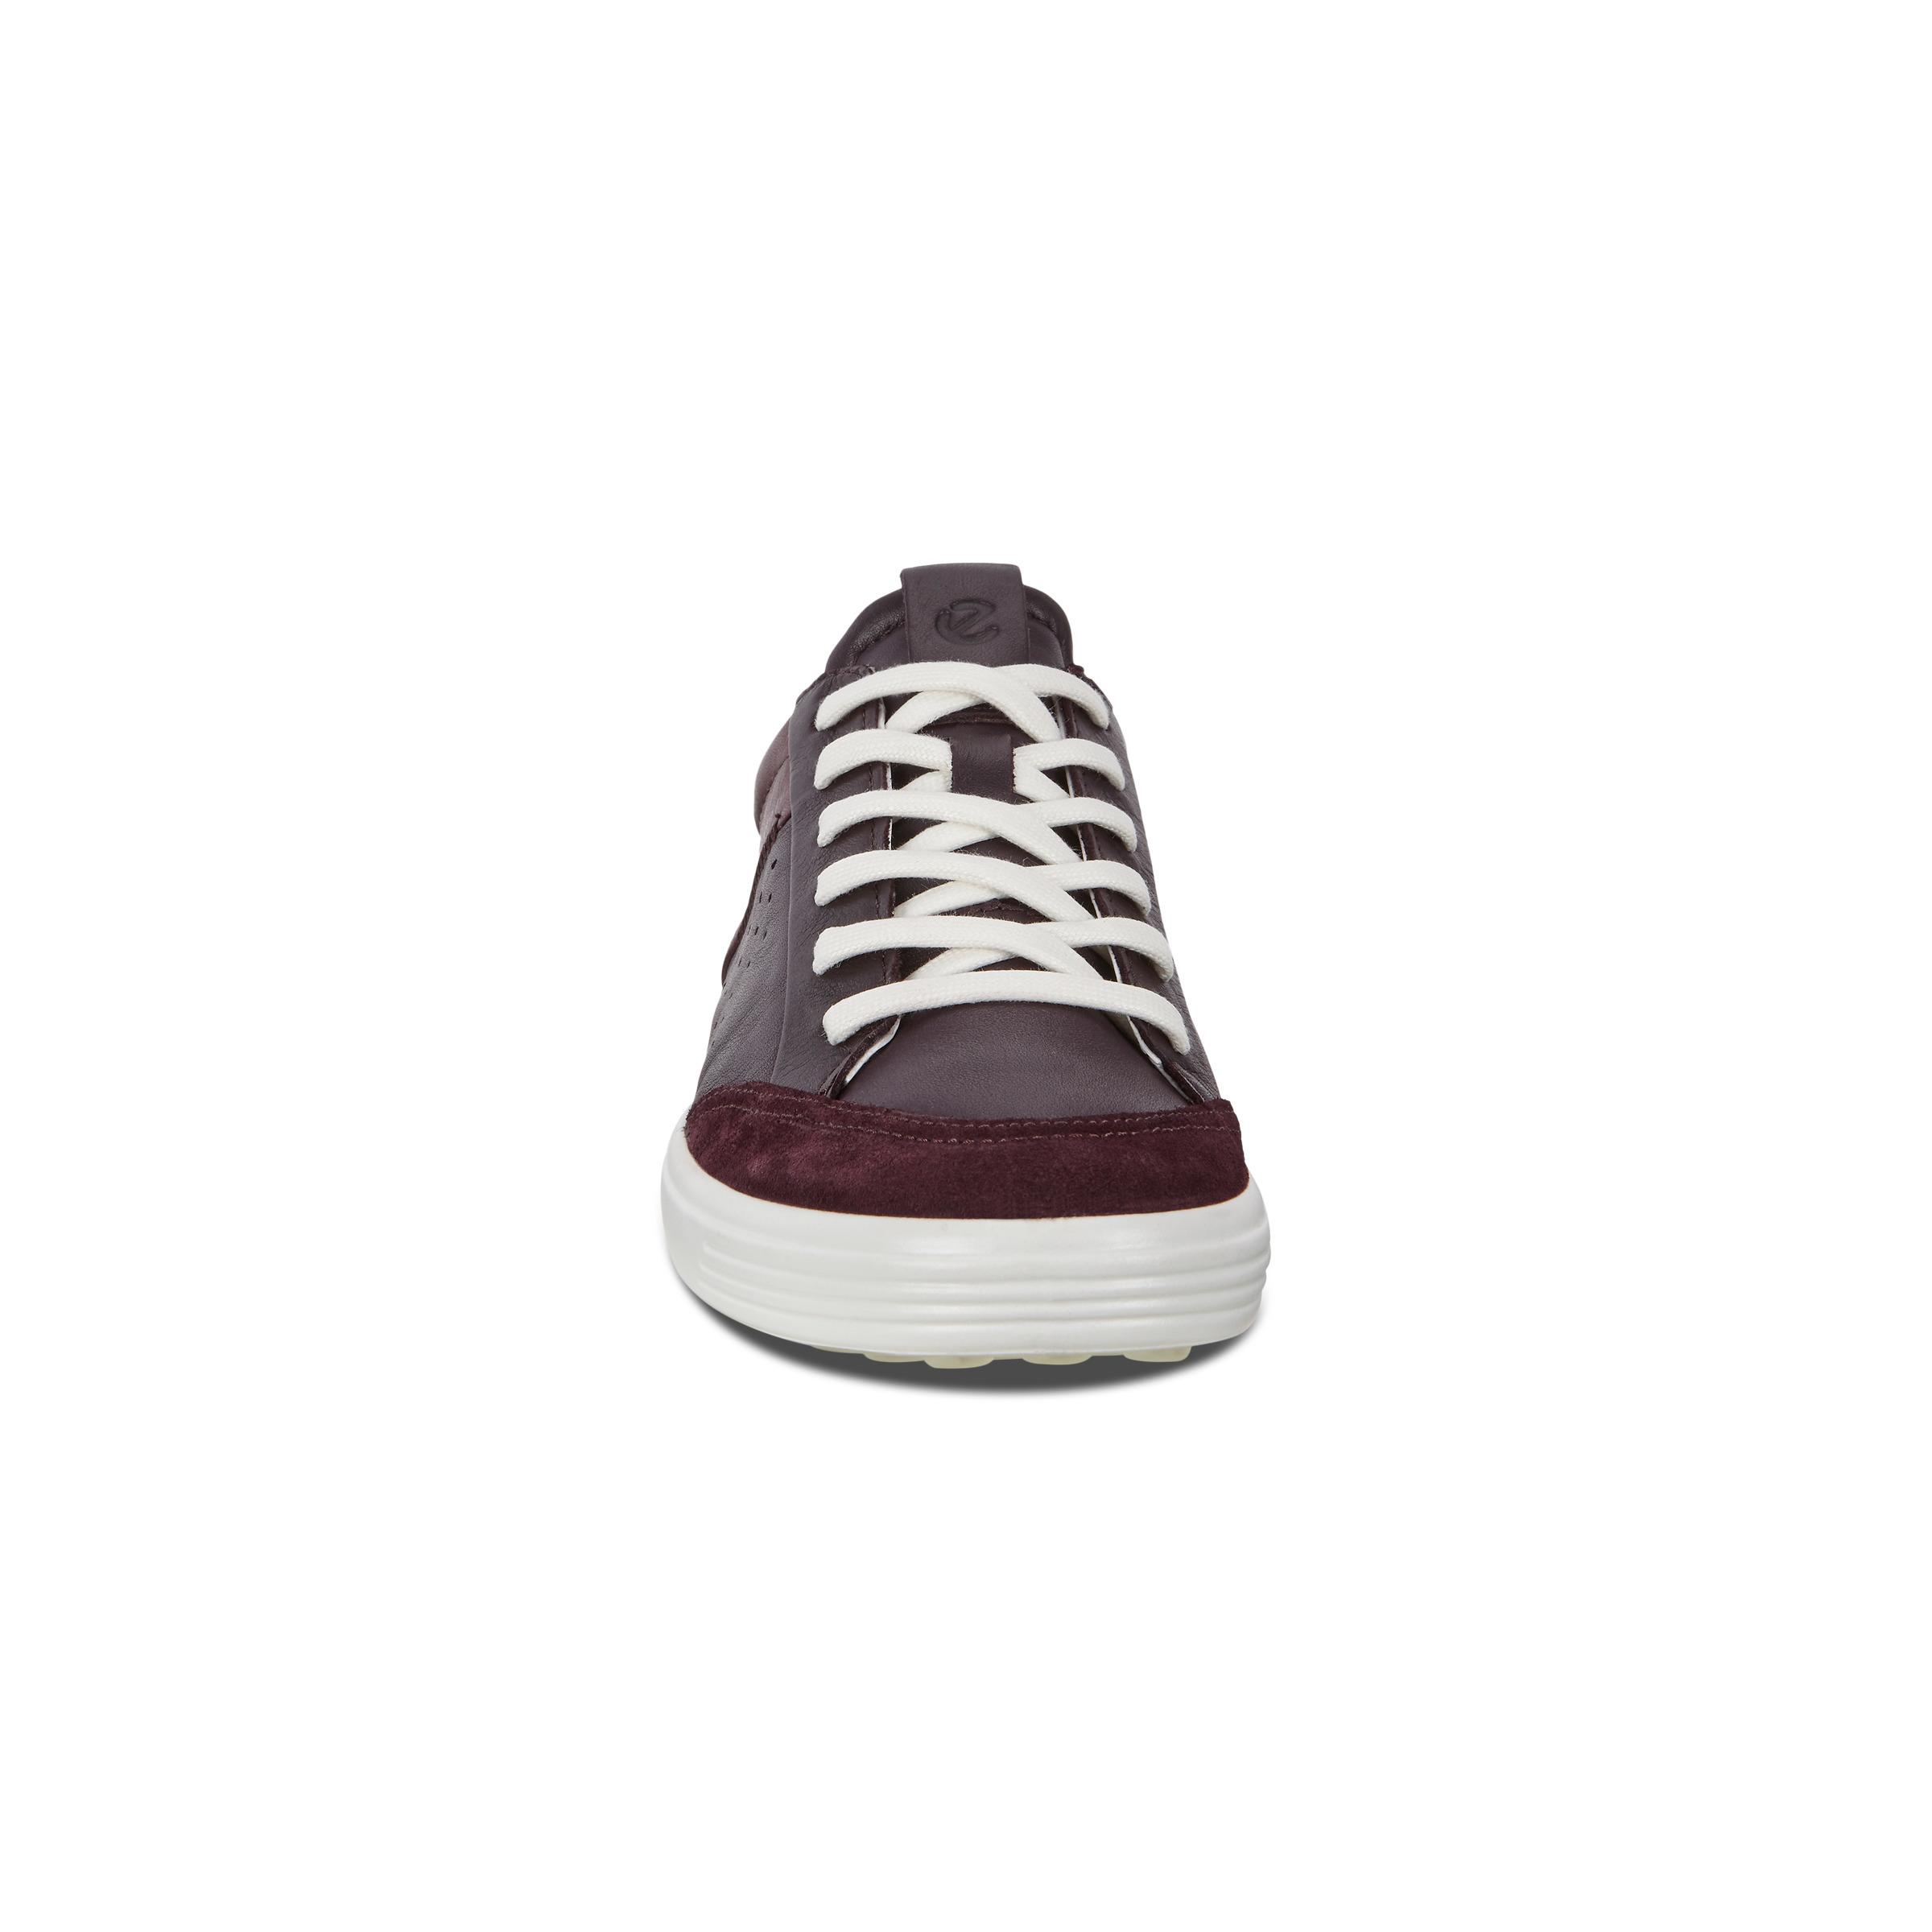 Gebloemde Nieuwe Sneakers Schoenen Dames Ecco Collectie qzLpGSUMV